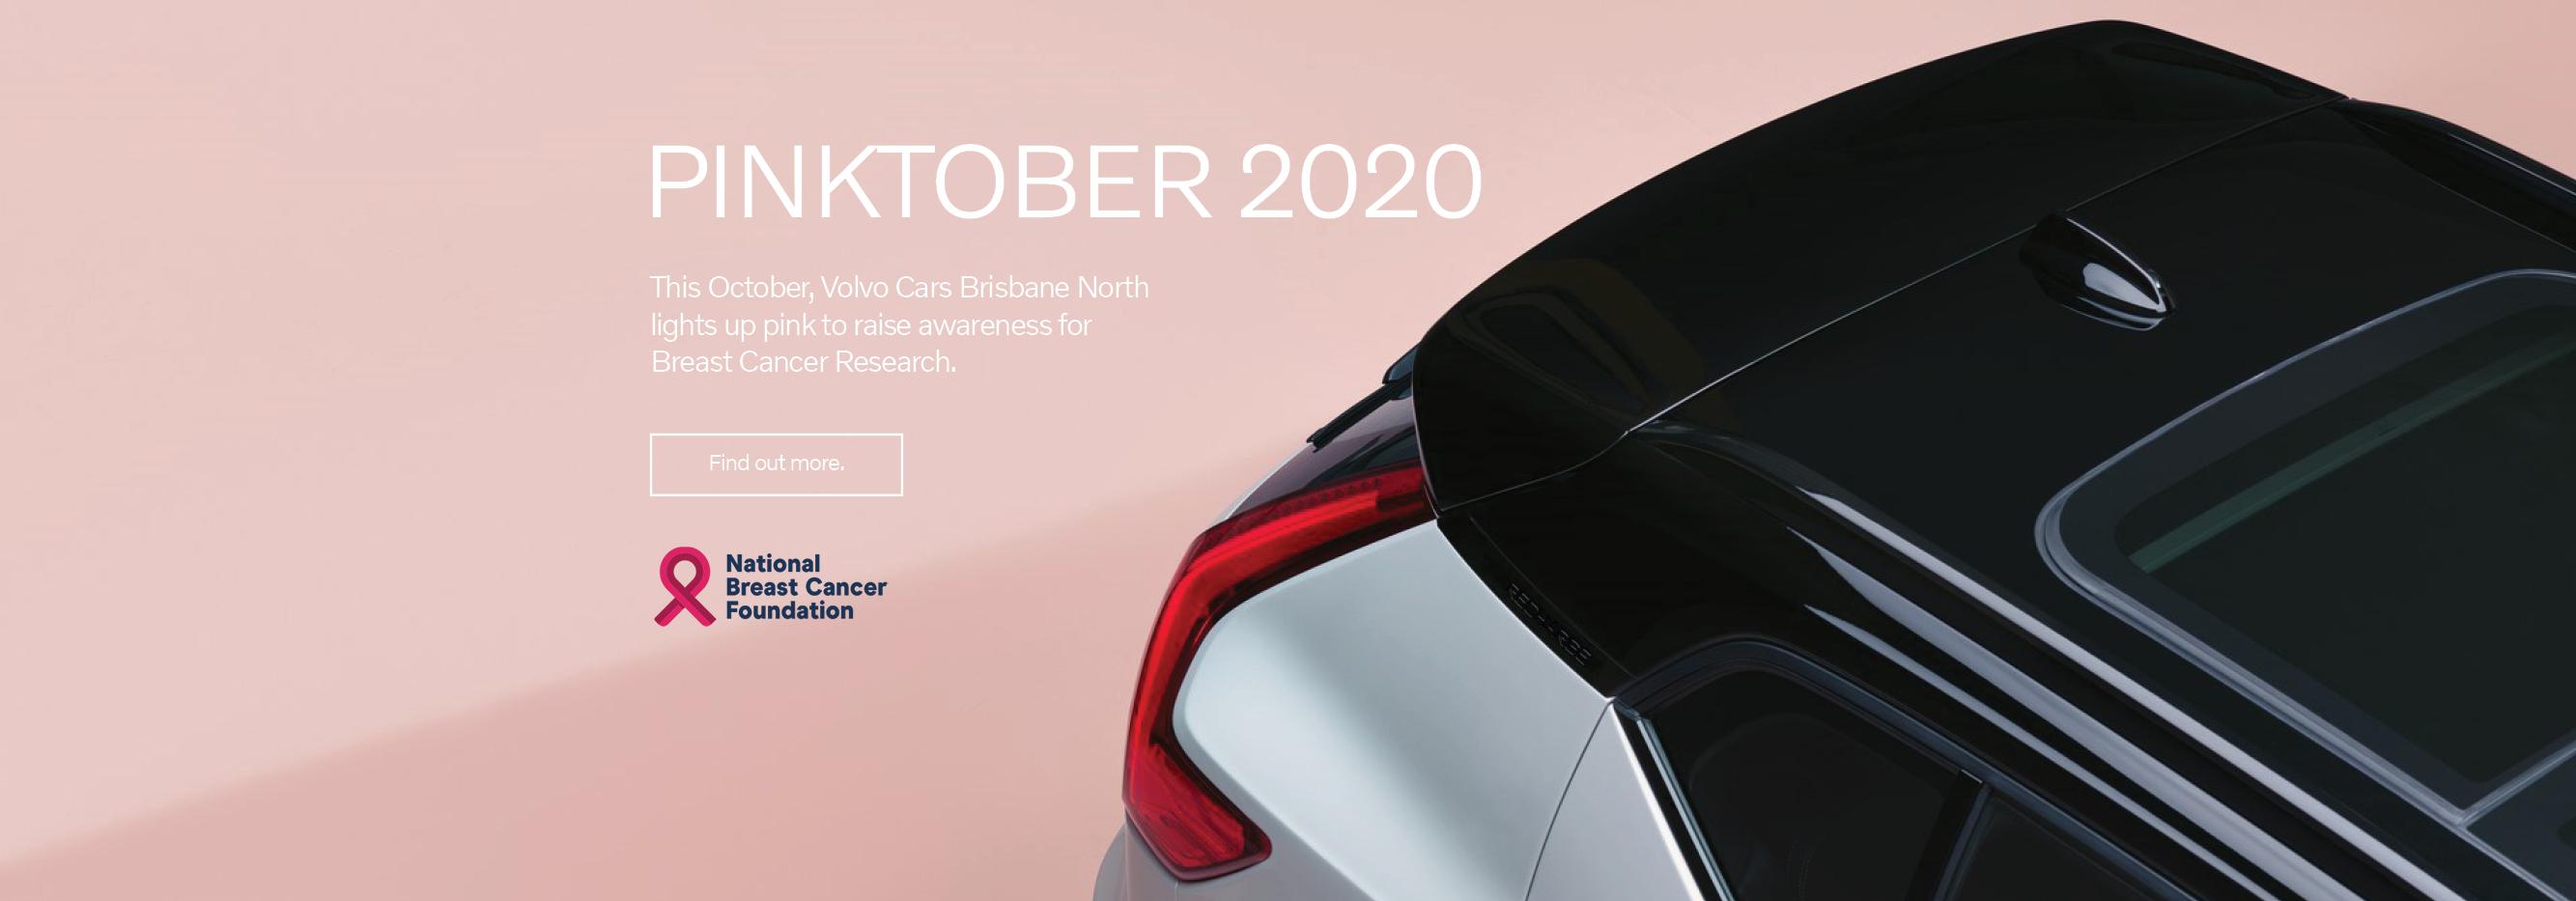 Volvo Cars Brisbane North Pinktober Fundraiser